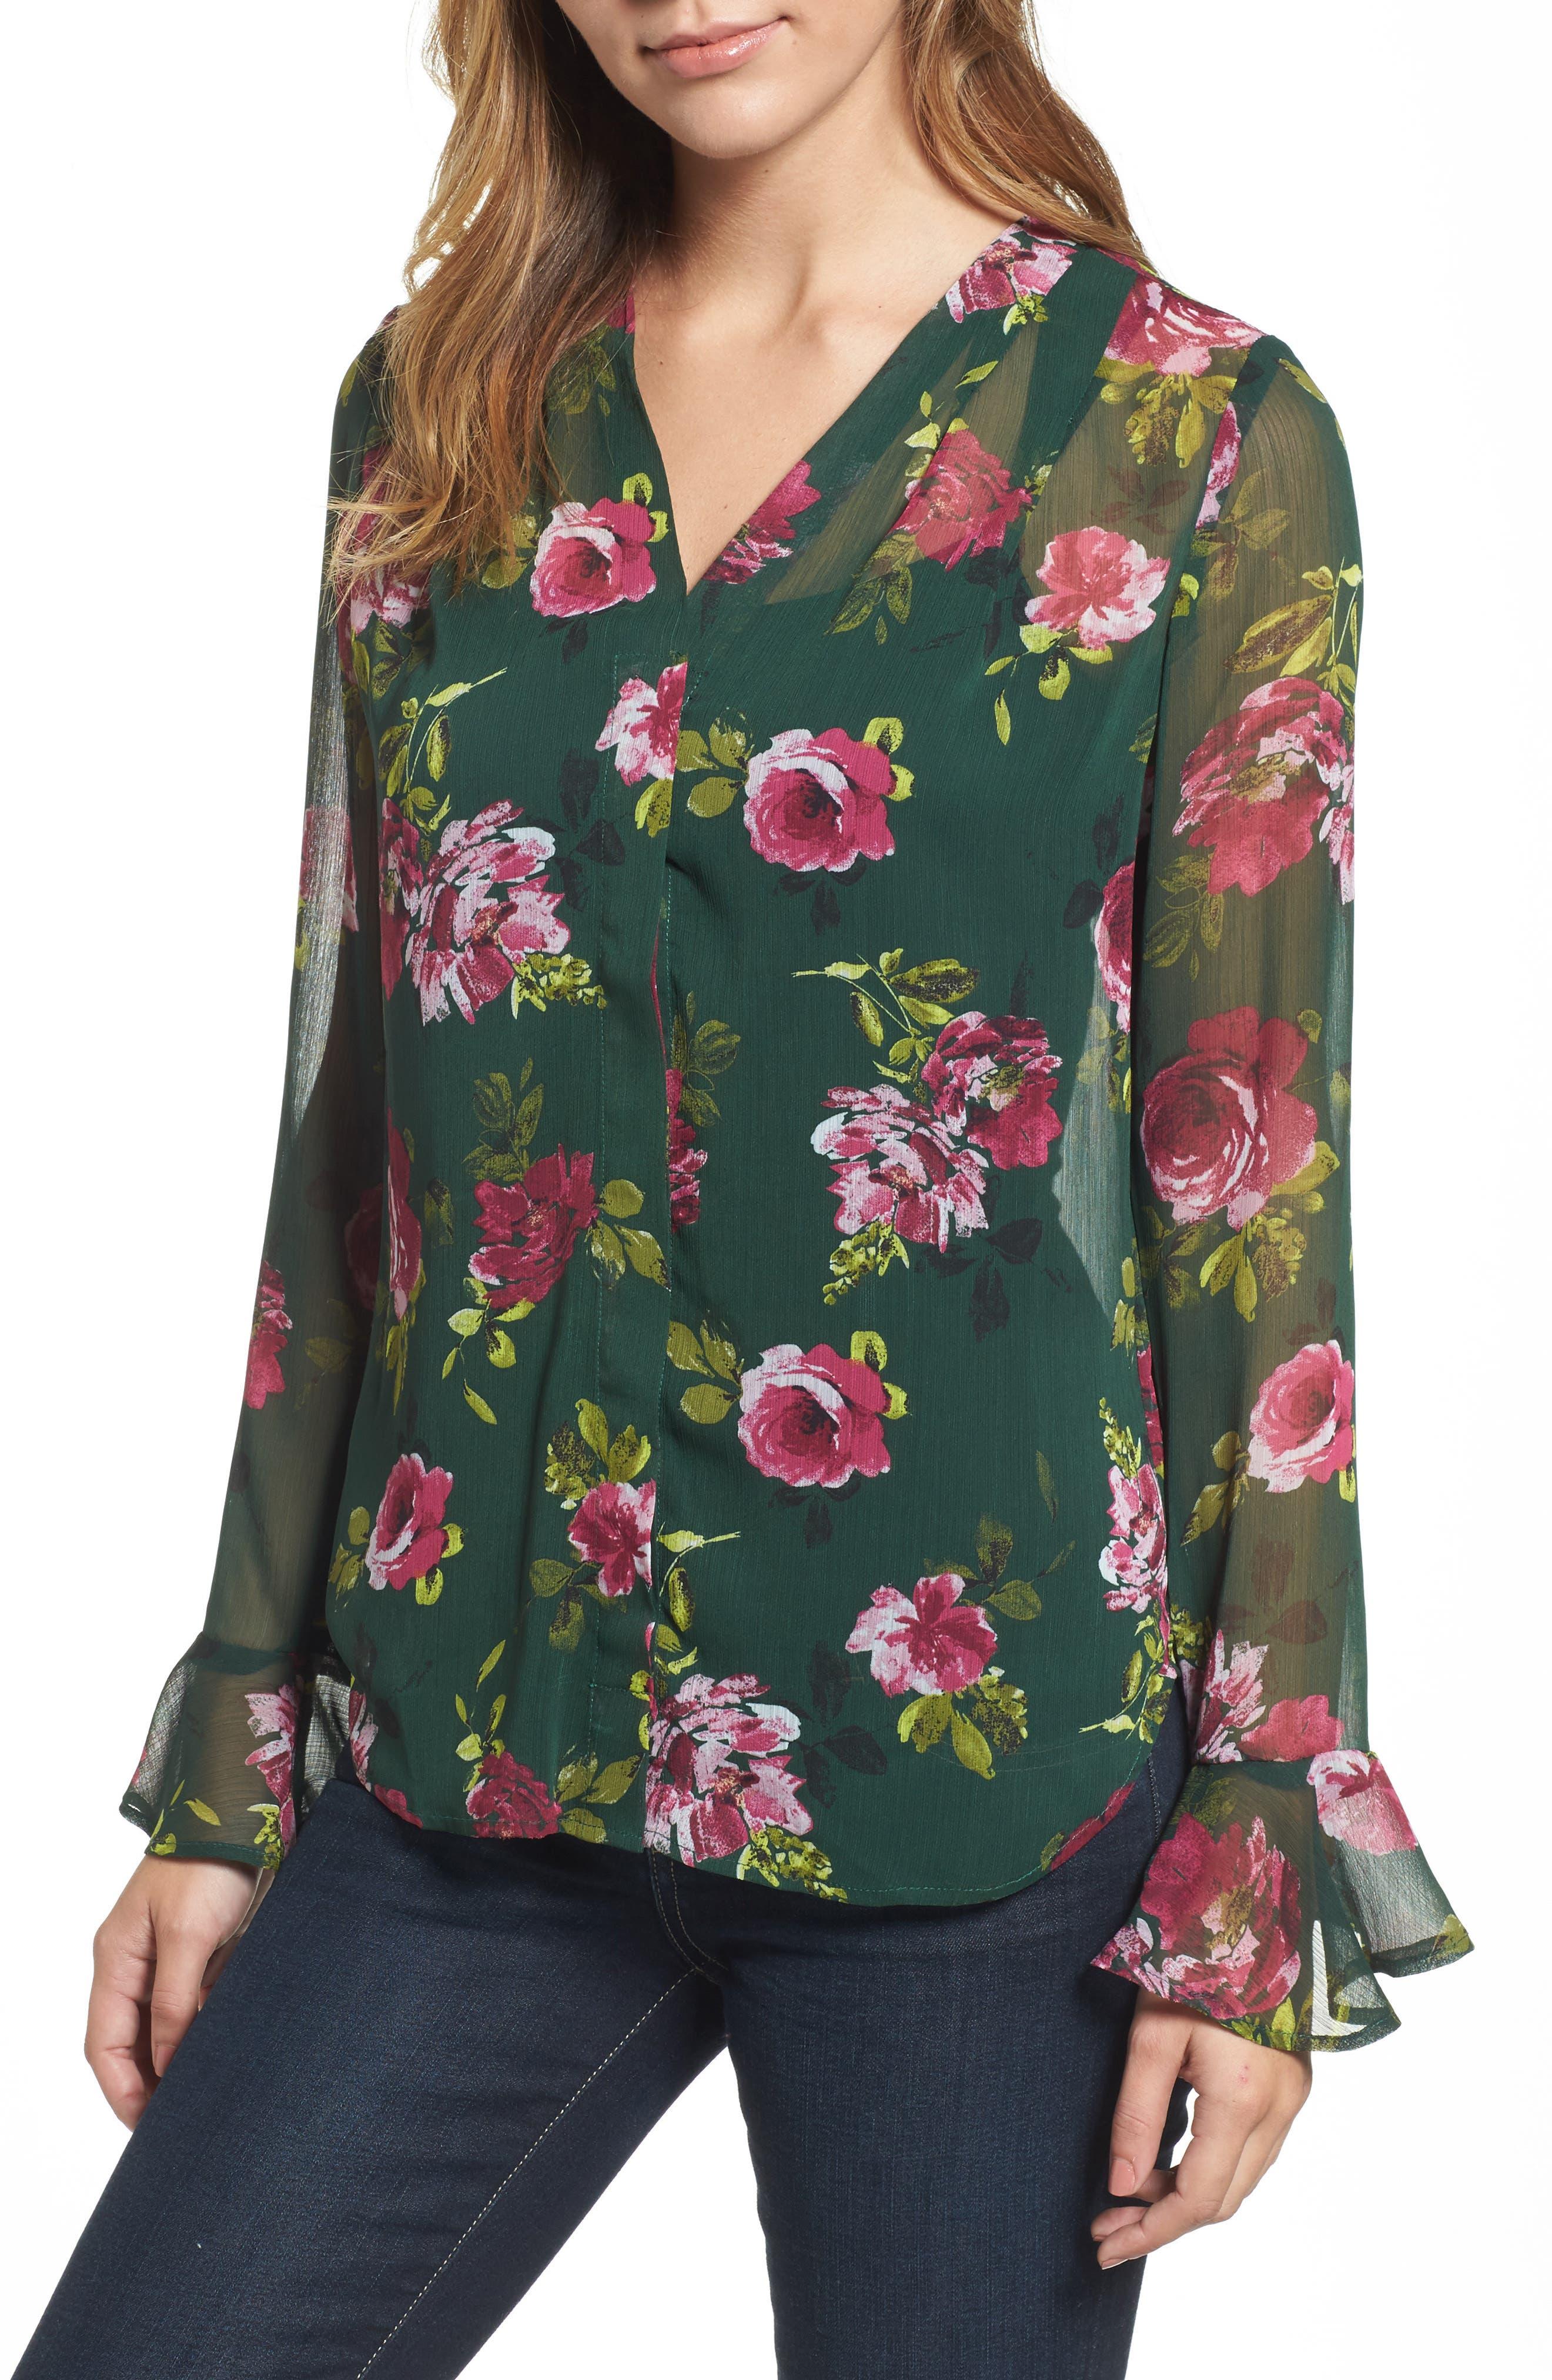 Silvy Floral Print Blouse,                         Main,                         color, 323